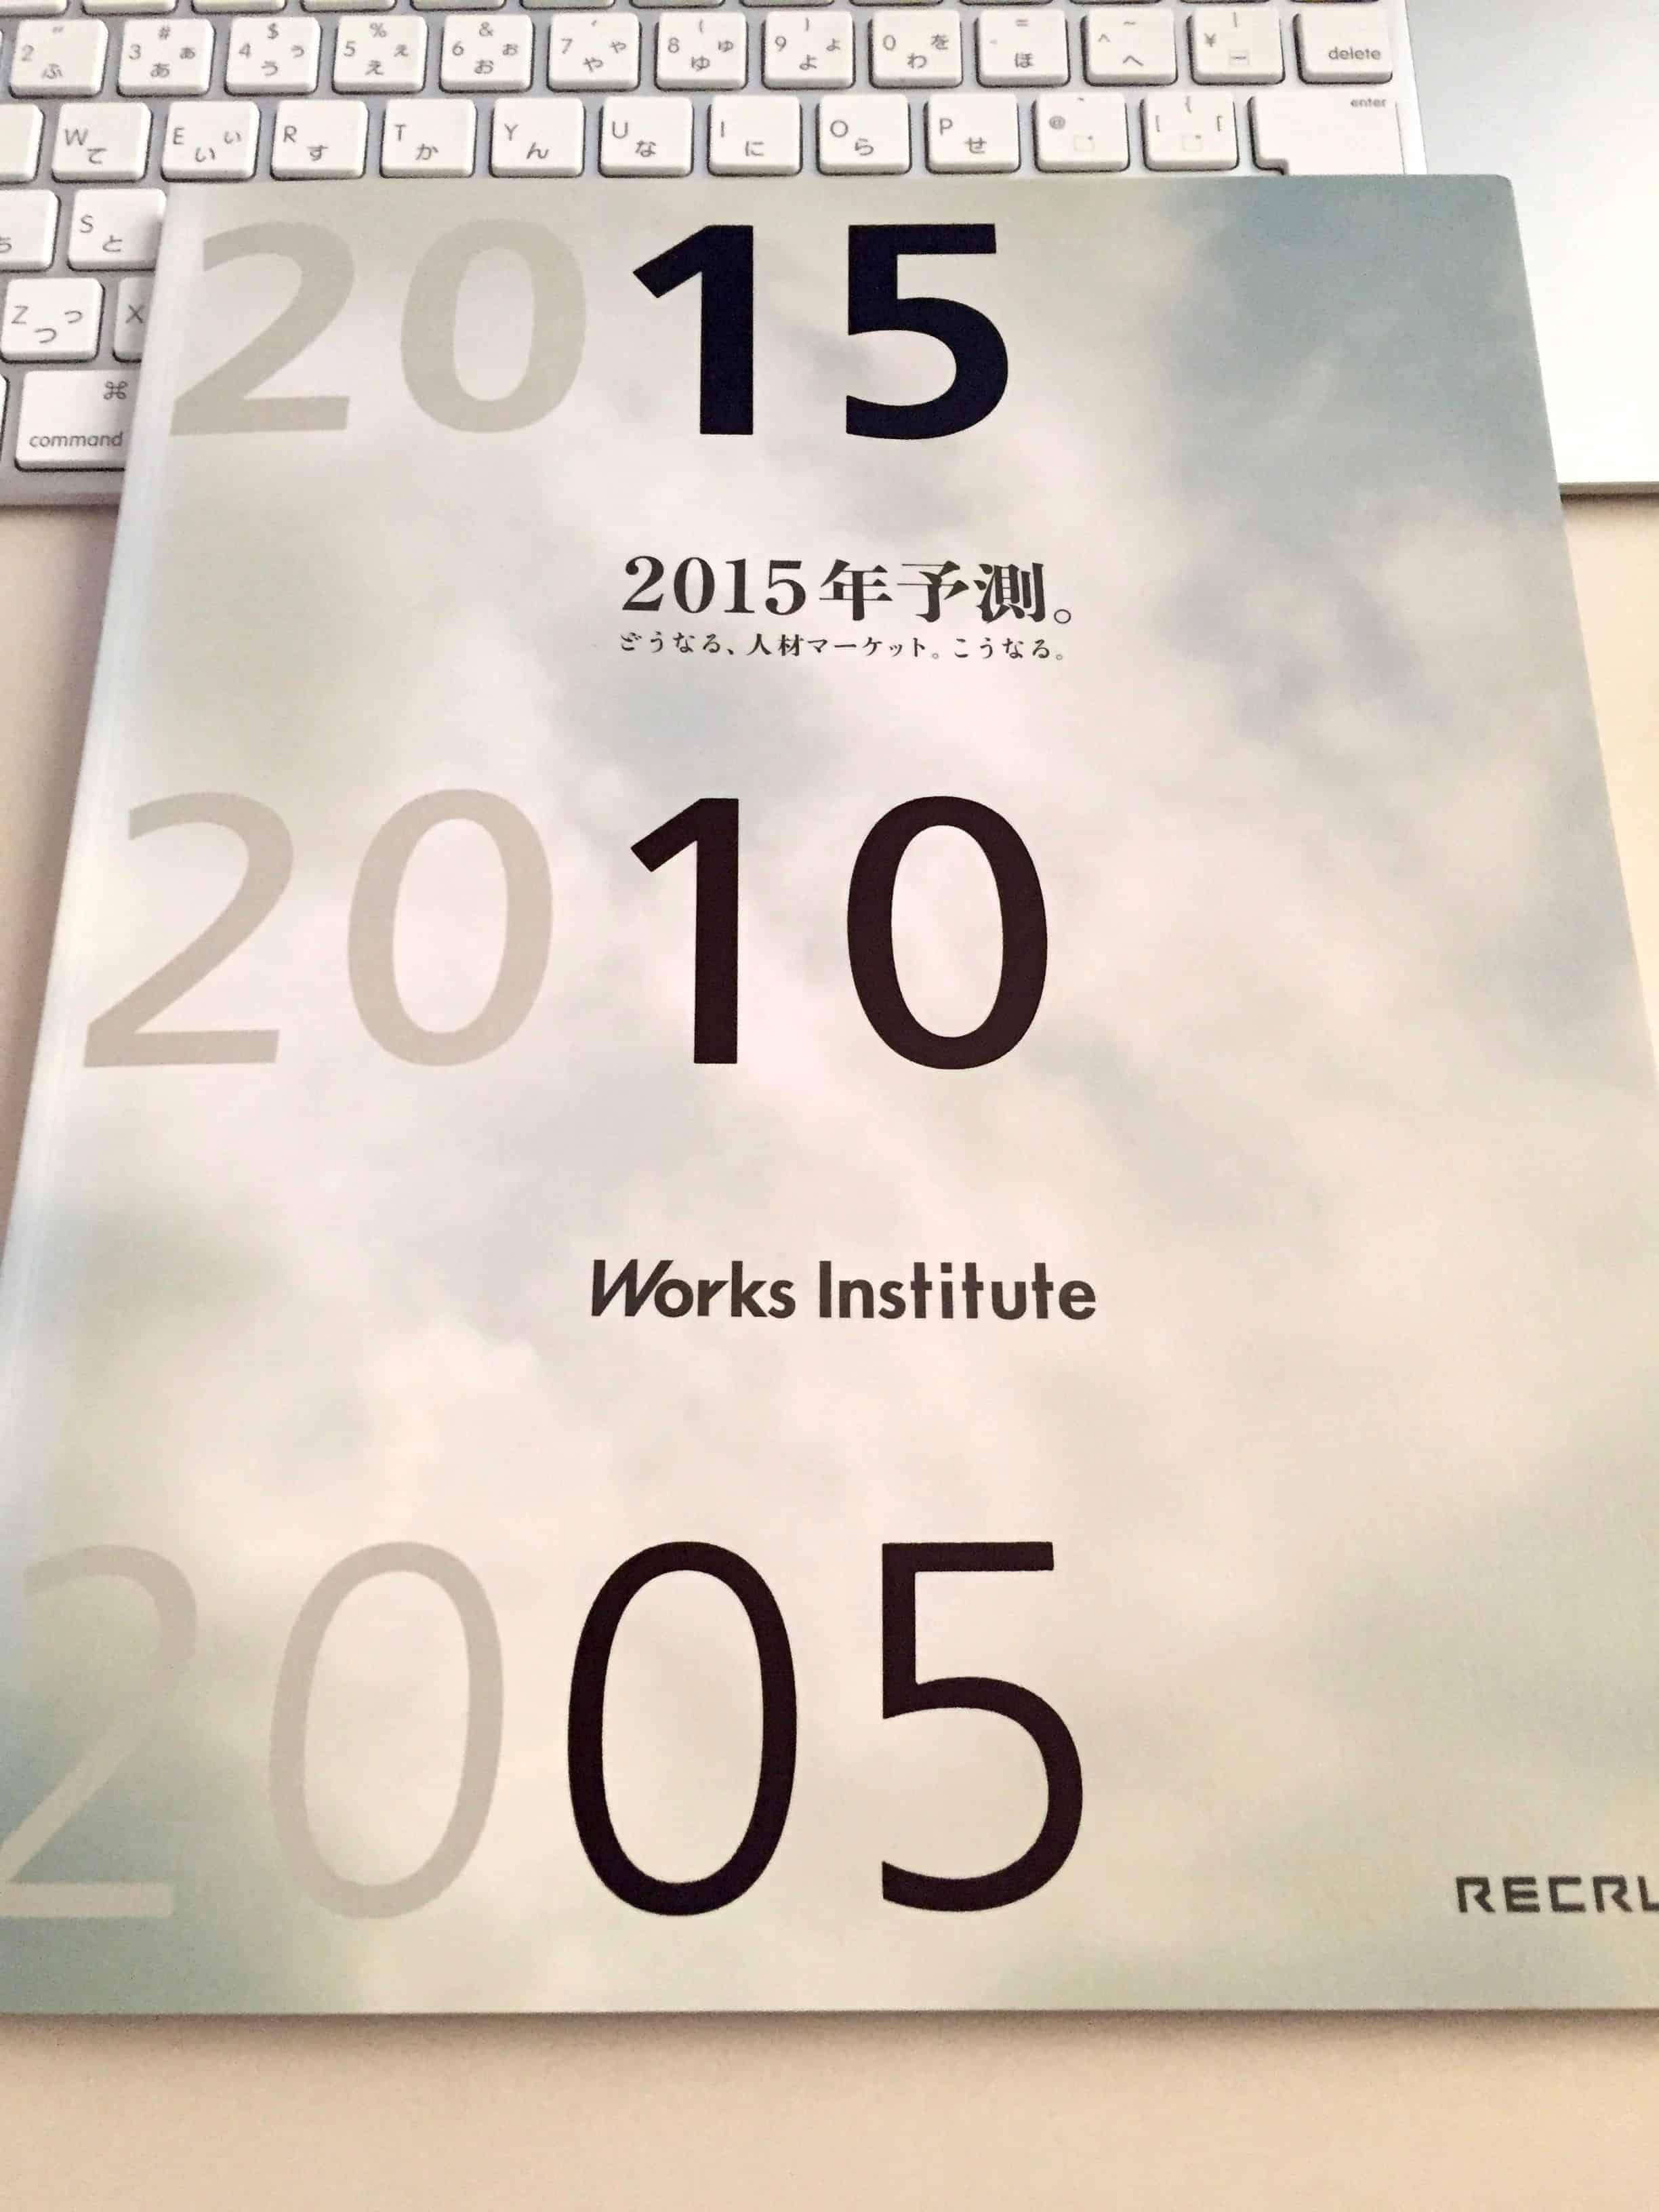 2015221 - 2025年を考える前に、2005年から2015年を振り返ろう リクルートワークス研究所の2025年予測を受けて